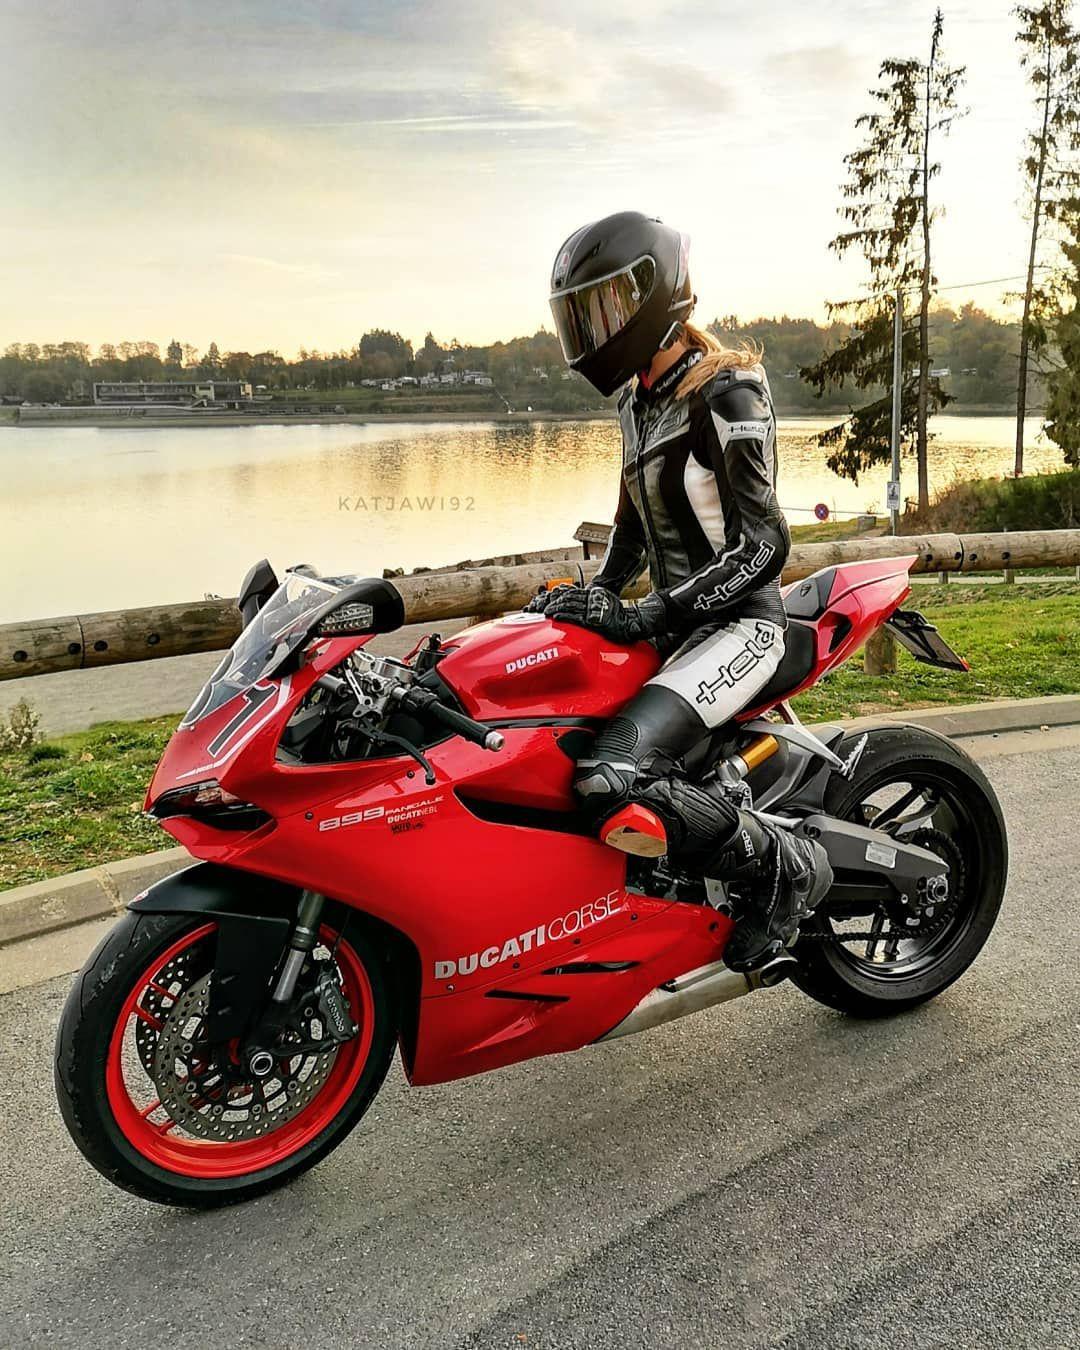 """@katjawi92 on Instagram: """"[Werbung] The beauty of Ducati ❤️ .  Einen der letzten schönen Tage der Saison 2018 an einem  traumhaft schönem Ort ausklingen lassen mit…"""""""